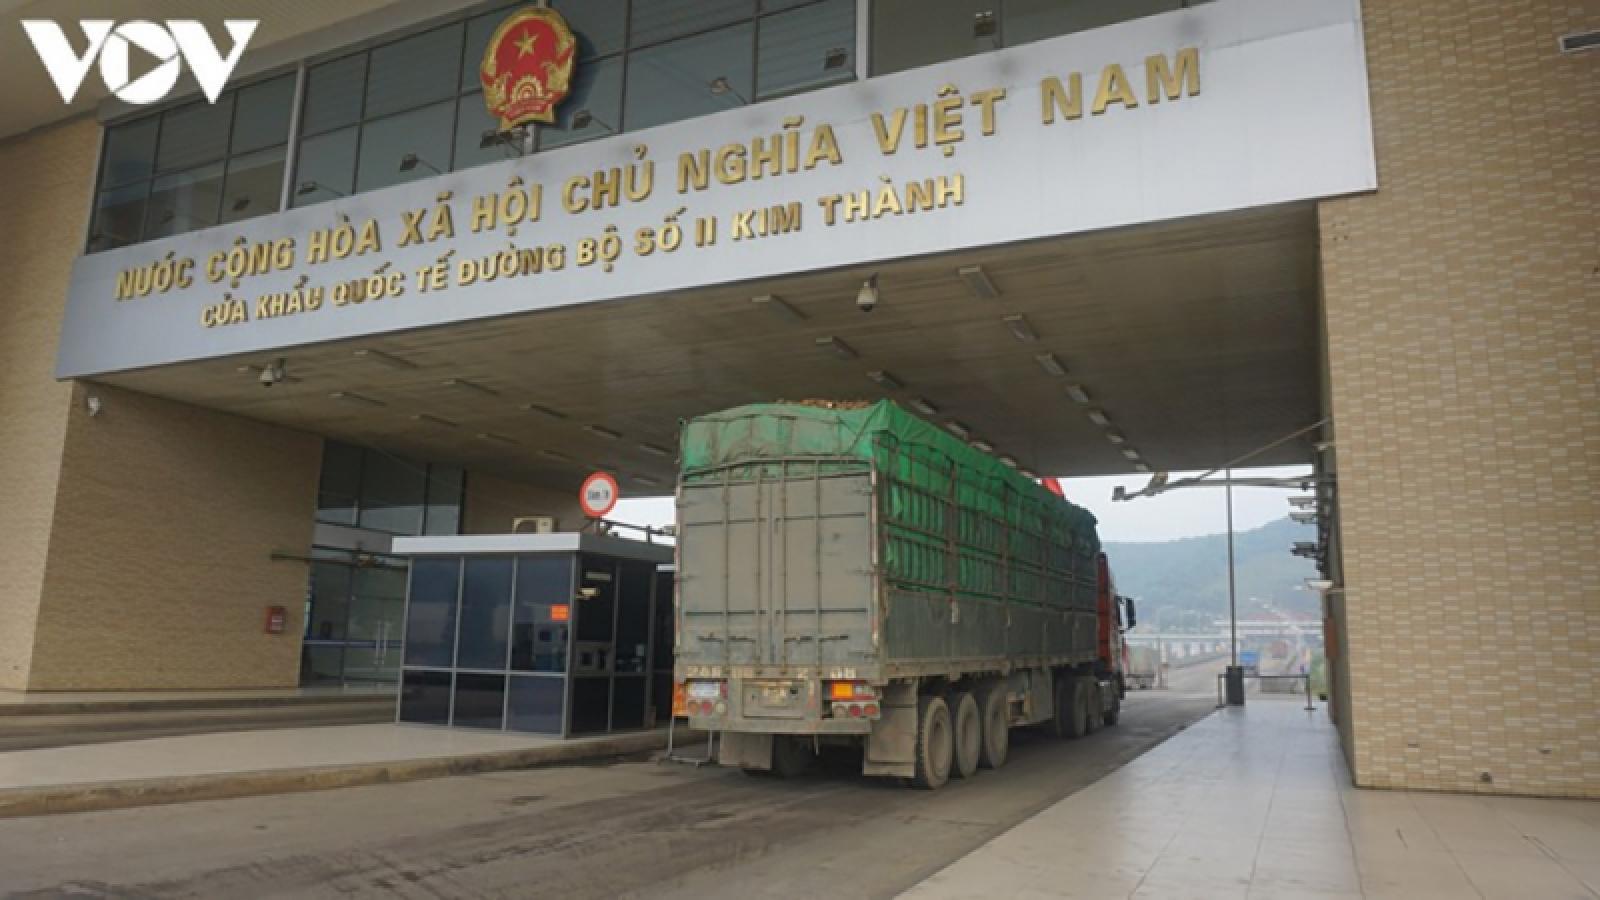 Bãi bỏ phân biệt xe chở hàng tạm nhập, tái xuất: Đòn bẩy trực tiếp trong thu hút hàng hóa